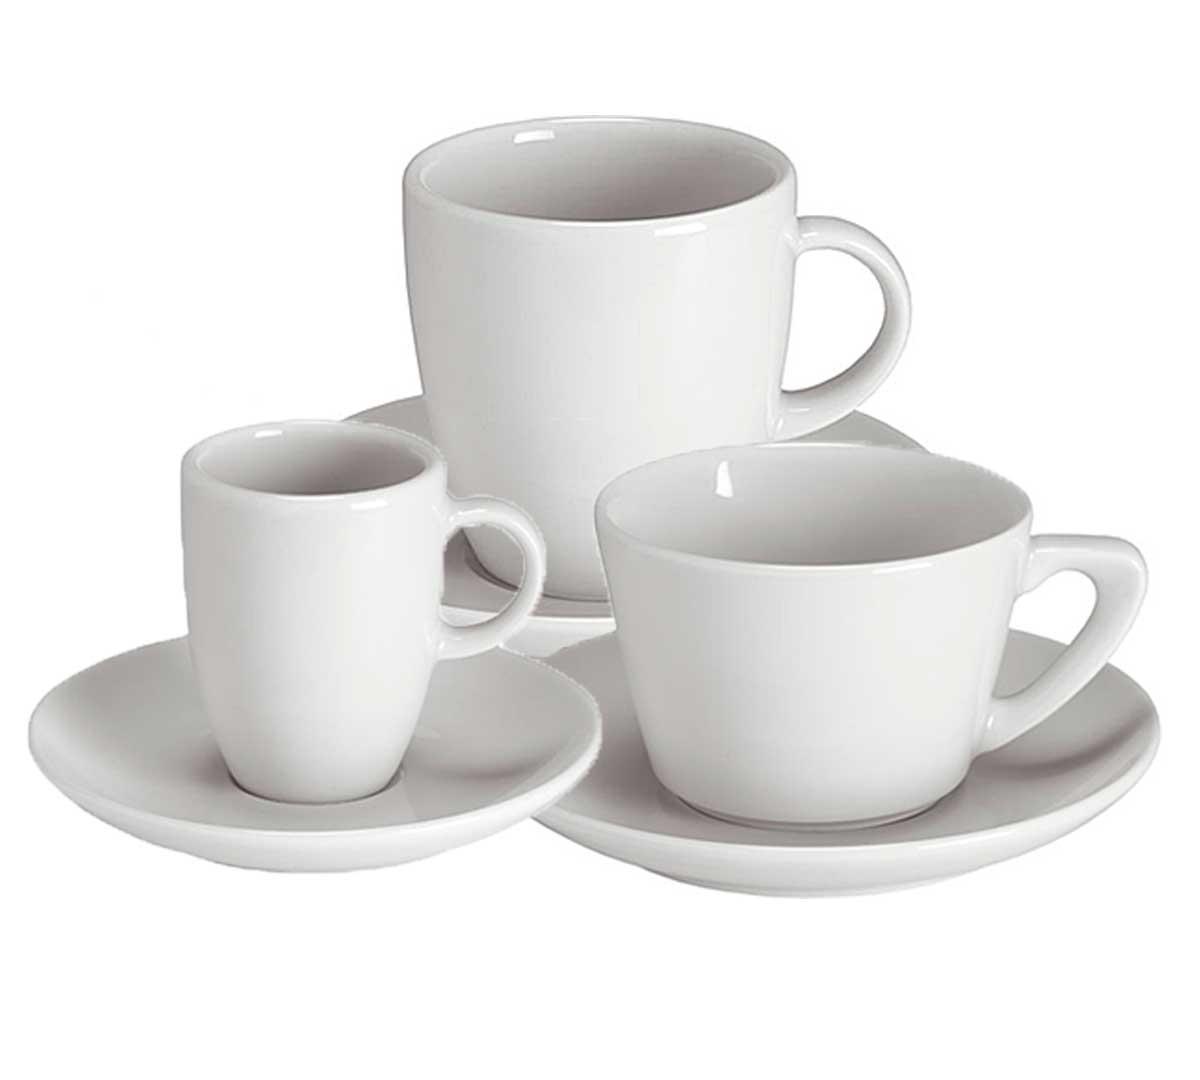 Serie carla tazas y platillos de porvasal for Donde comprar ceramica barata